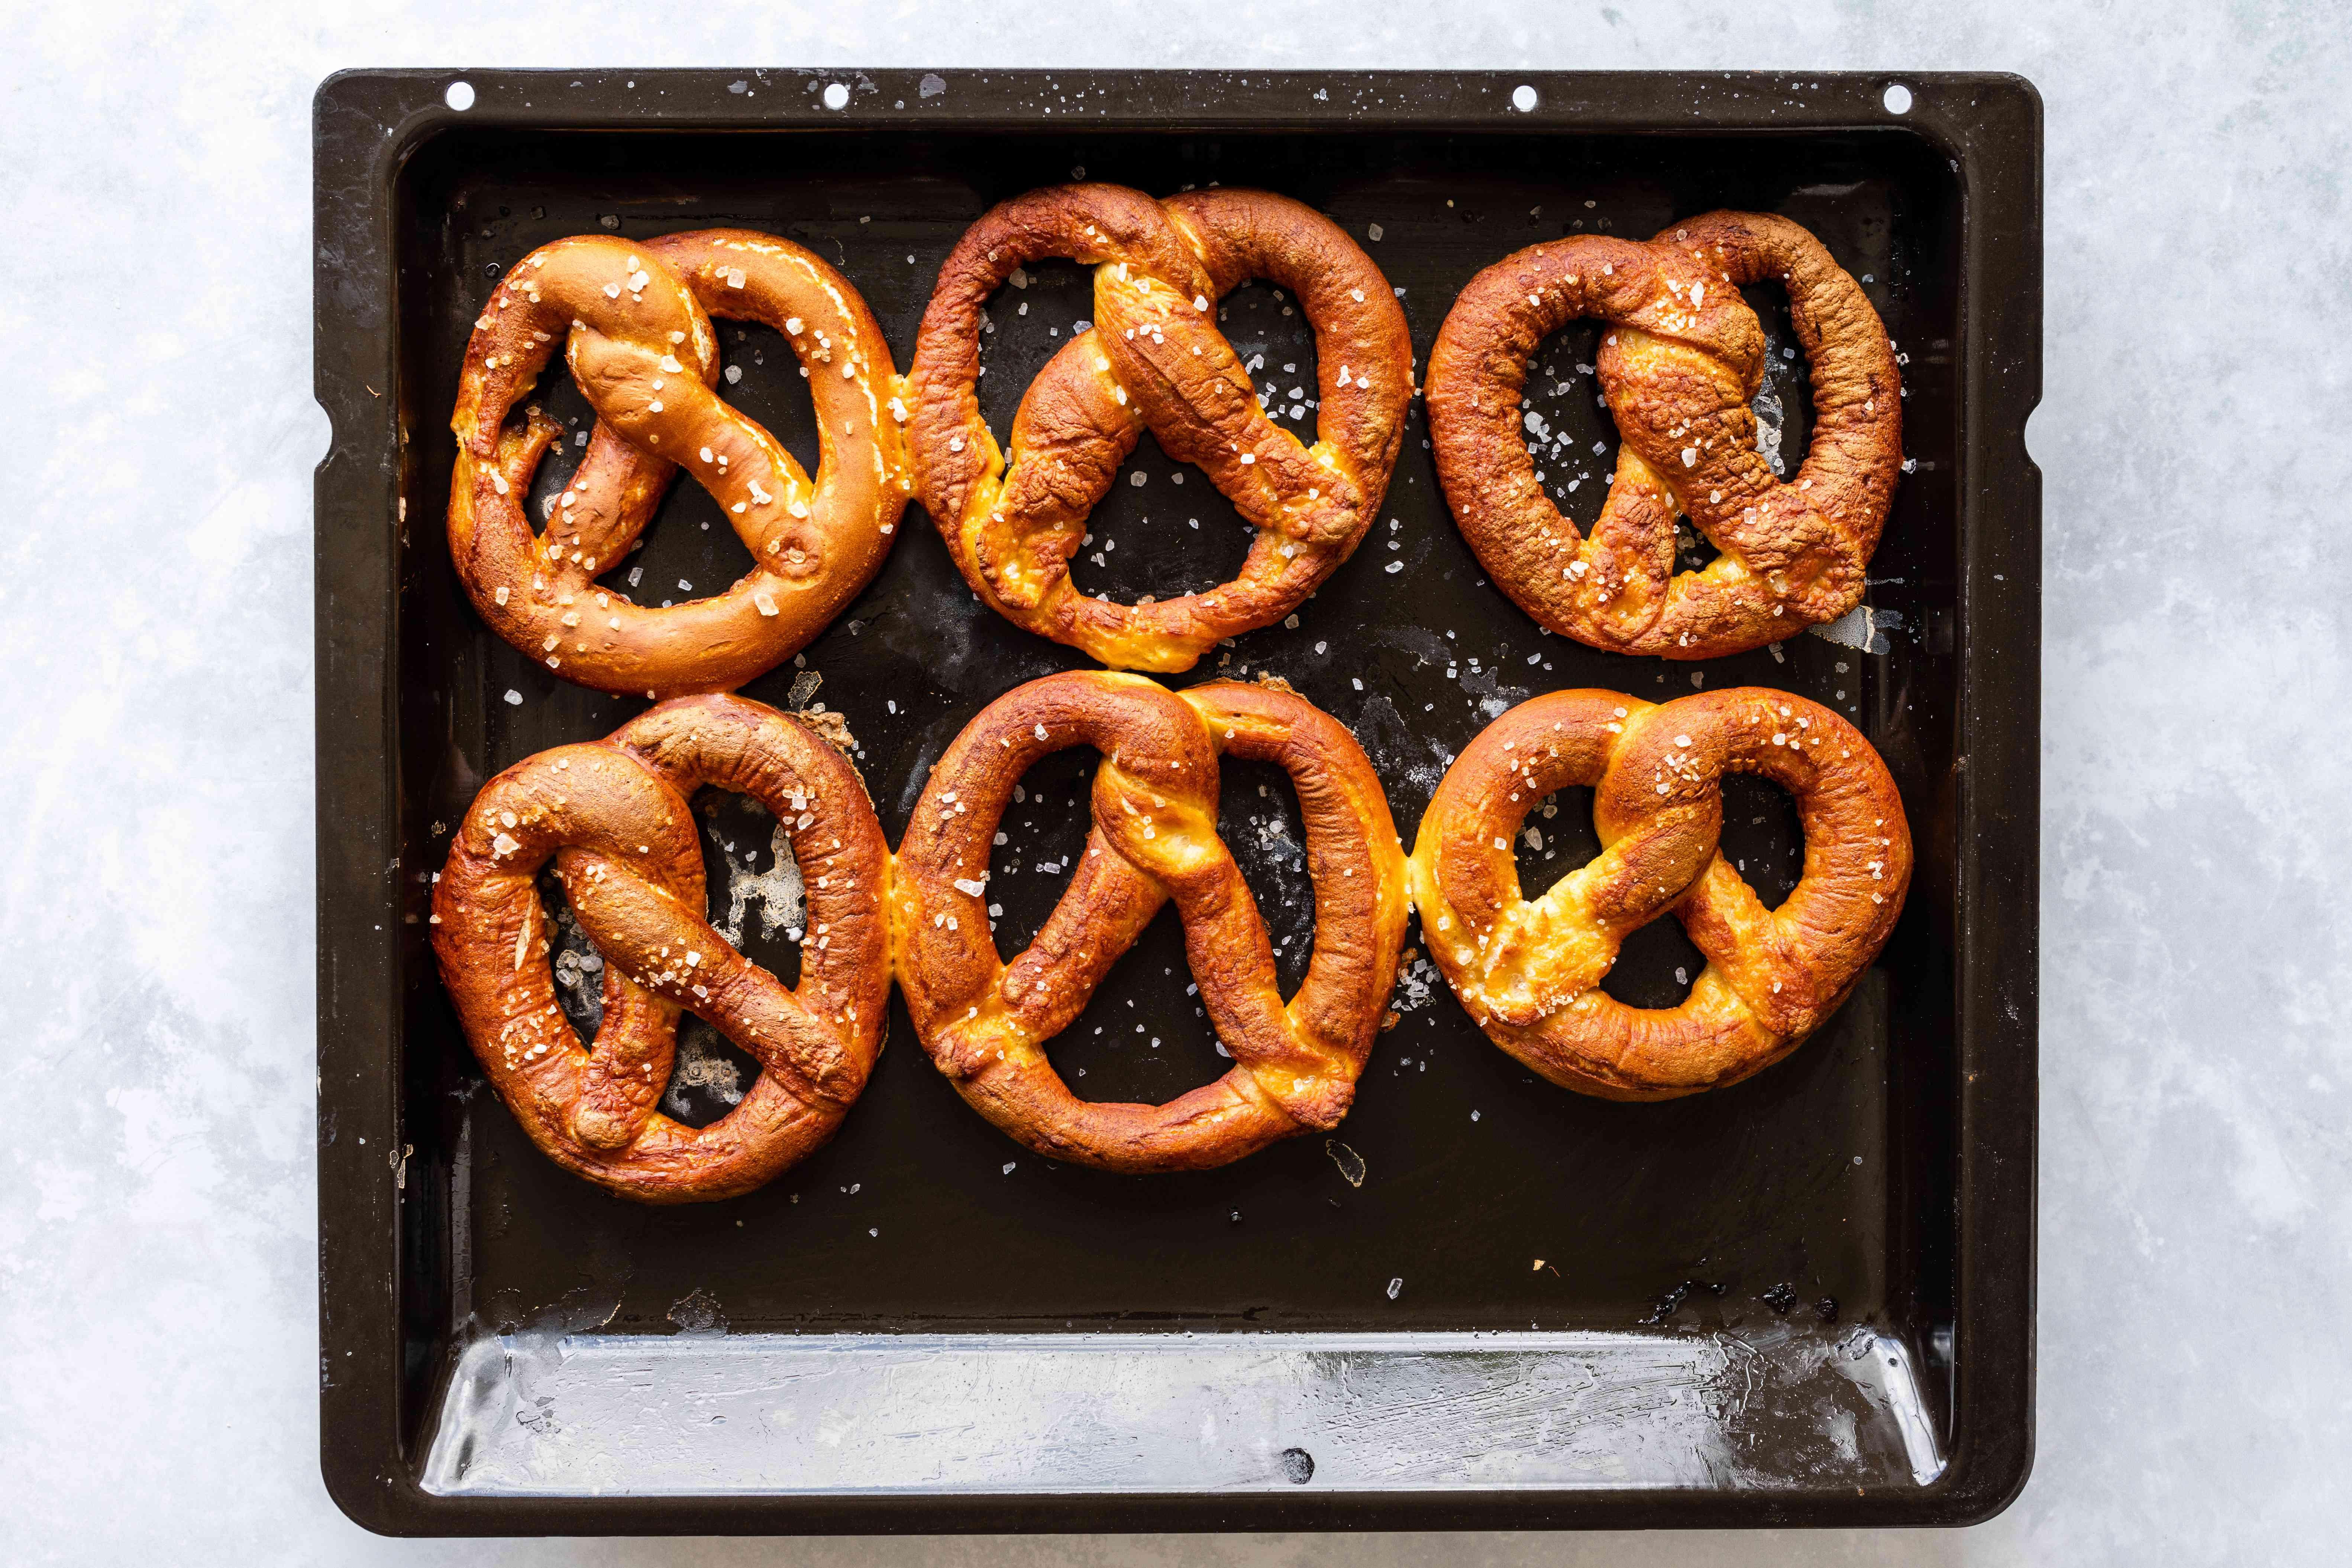 Baked pretzels sprinkled with salt